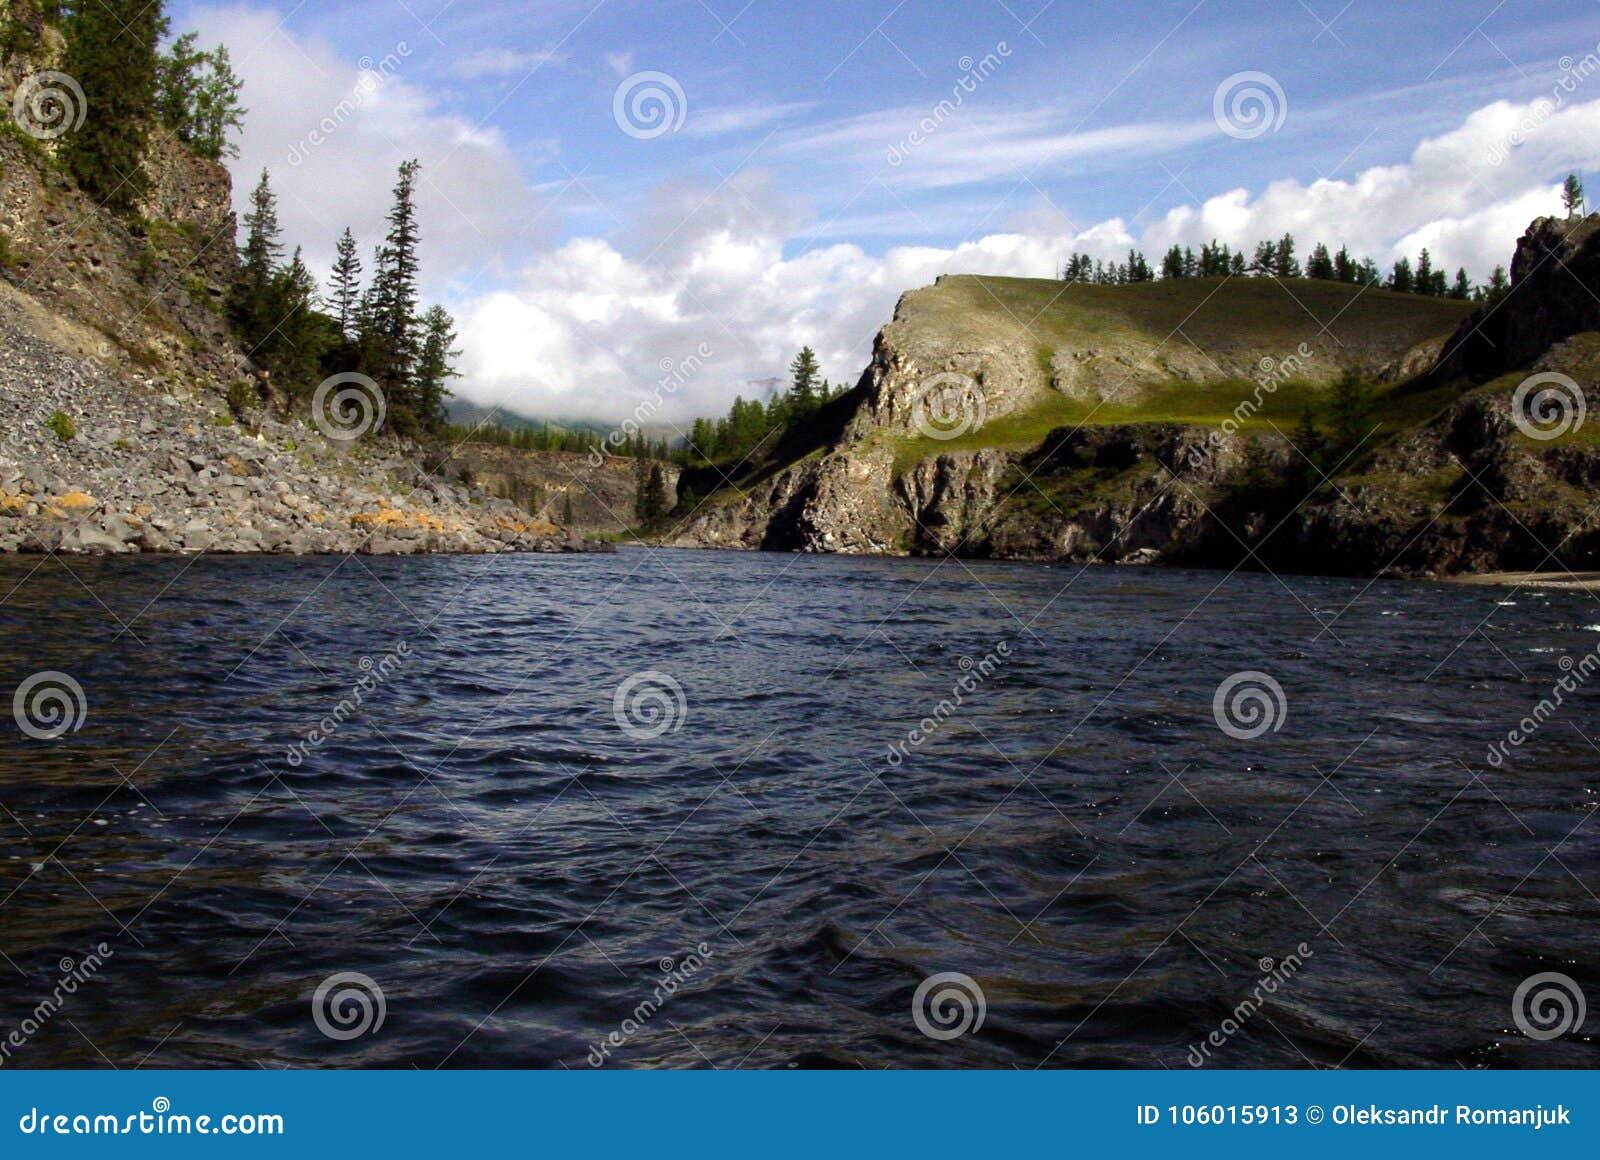 Sibéria, lago da pureza